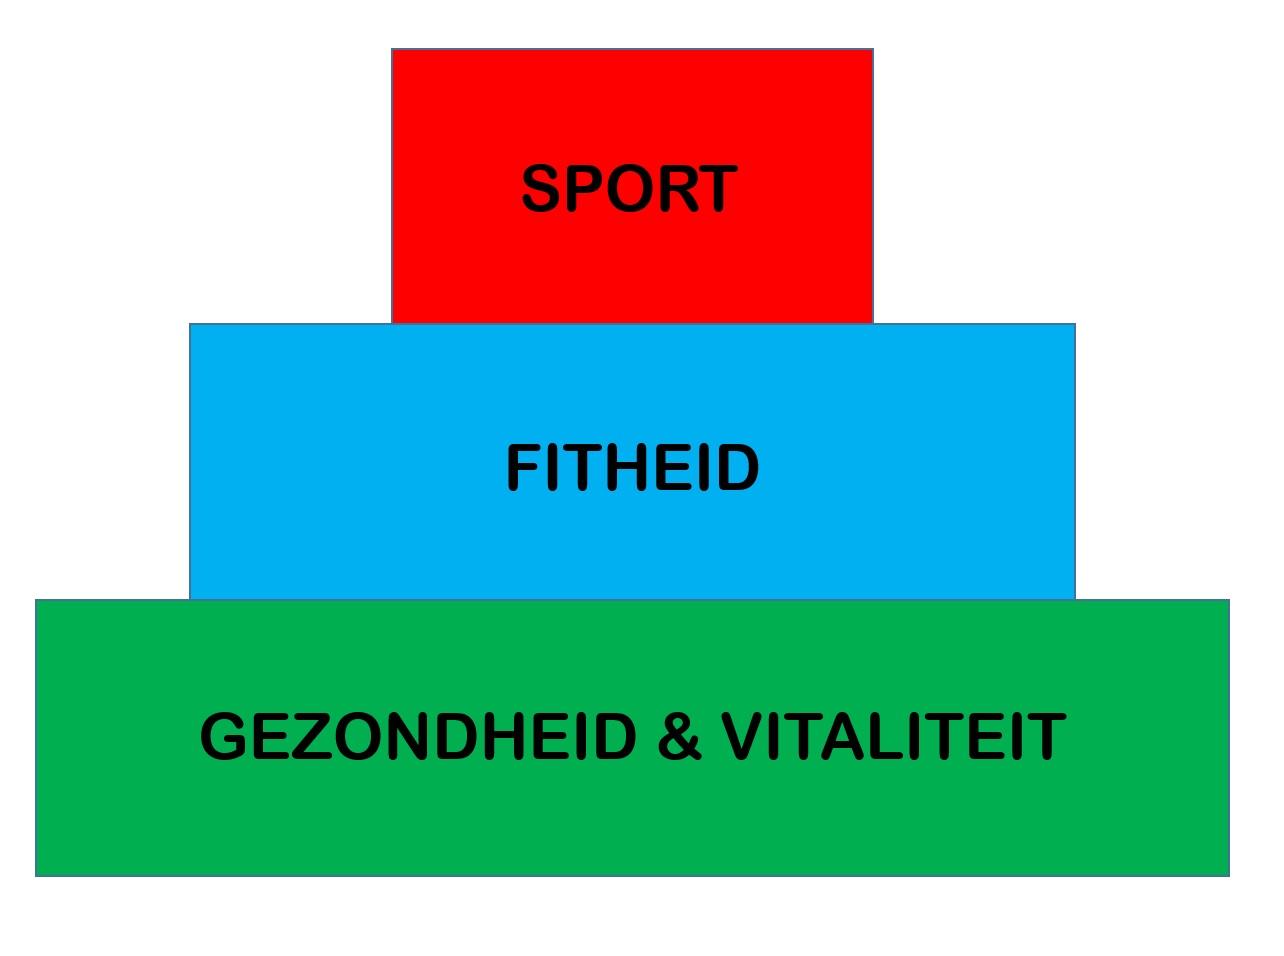 gezondheid en vitaliteit zijn de basis van conditie en sport